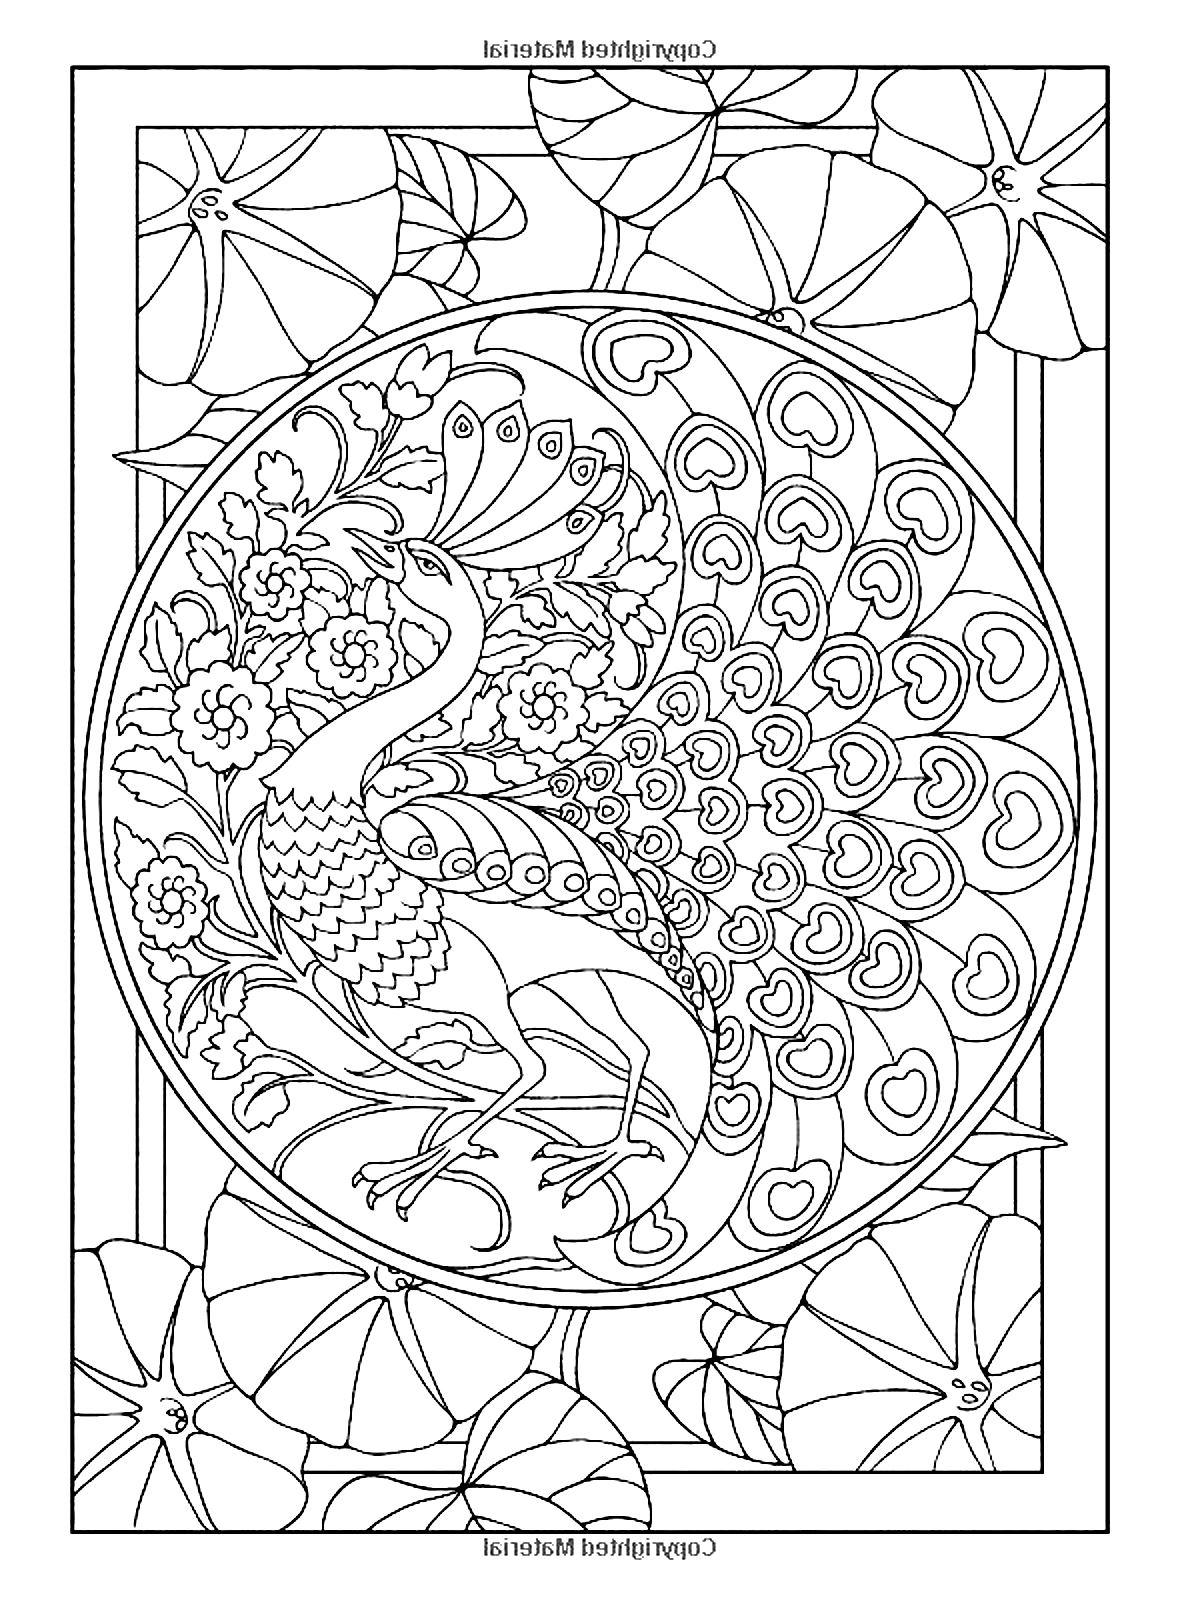 art coloring pages free | Art nouveau style peacock - Art Nouveau Adult Coloring Pages